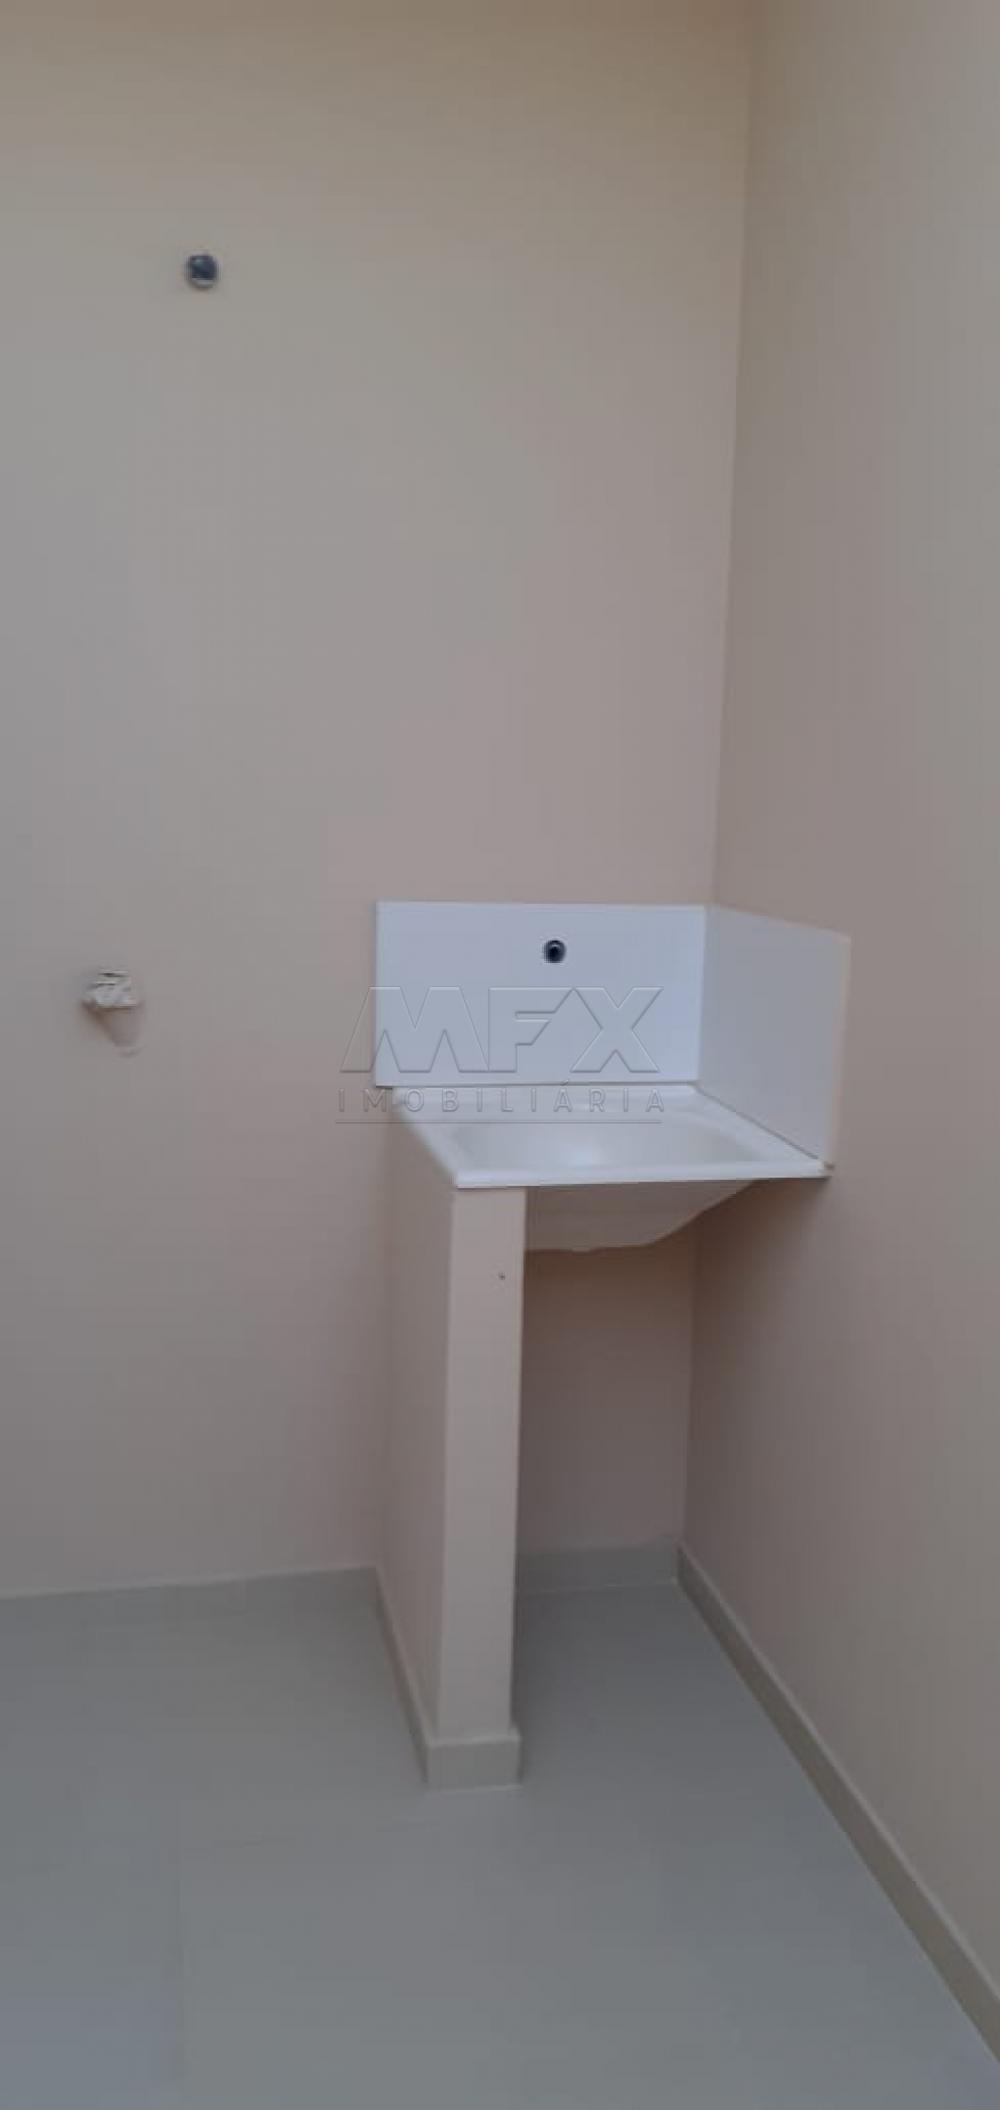 Comprar Casa / Padrão em Bauru apenas R$ 310.000,00 - Foto 10